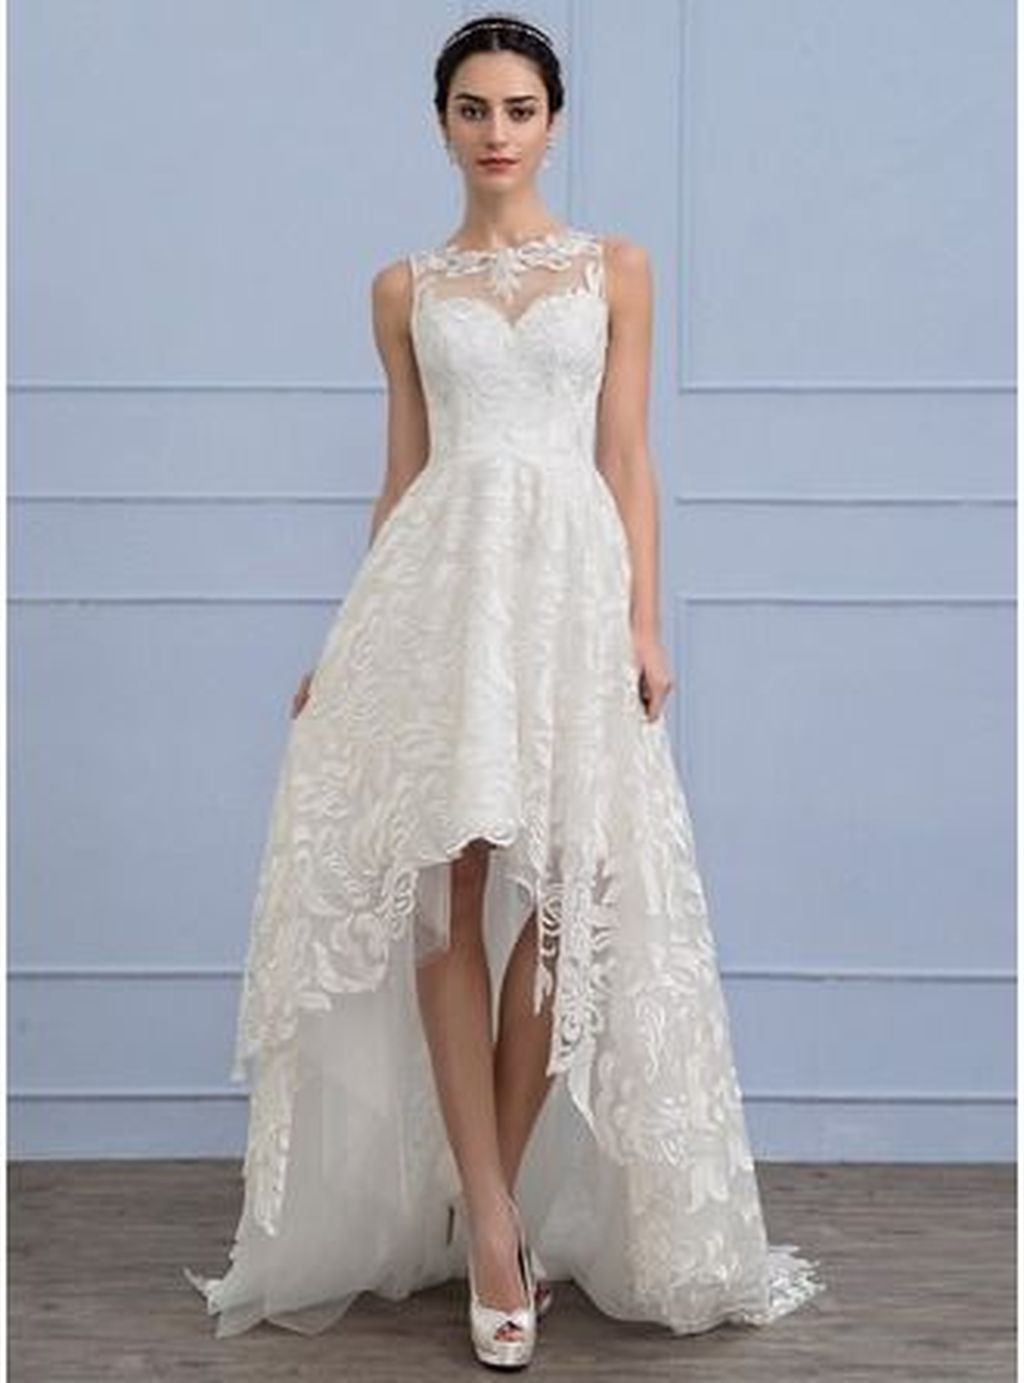 40 Best Princess Wedding Dress Ideas For Beach Theme | Pinterest ...